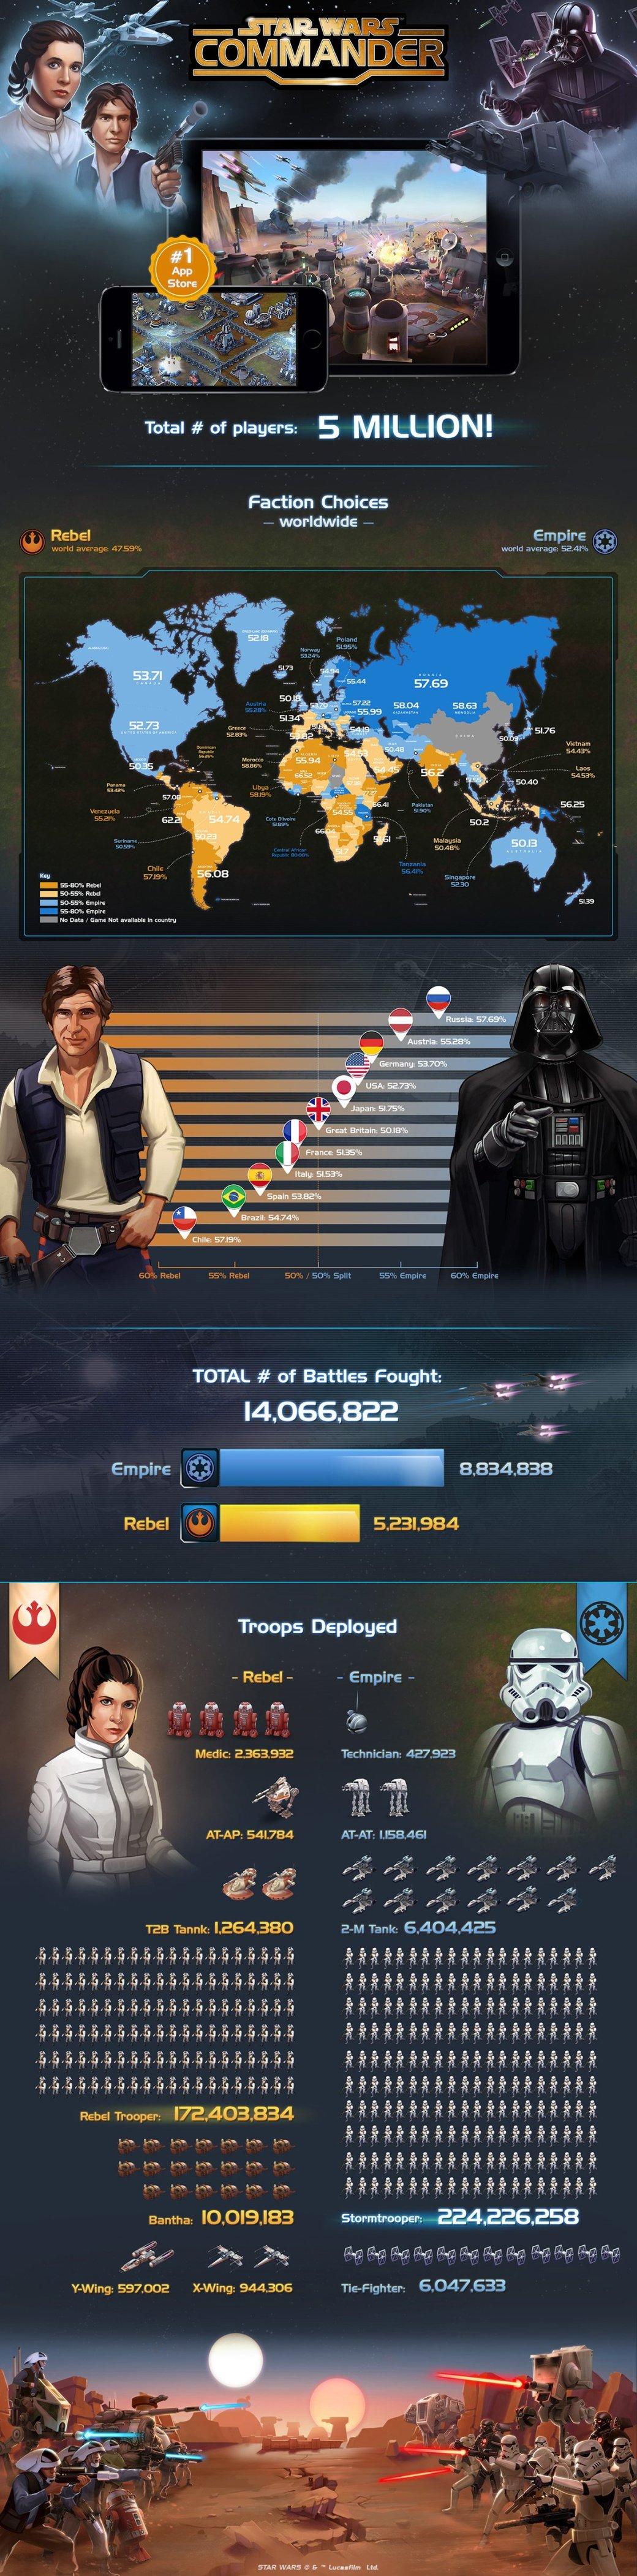 Россия стала одной из самых «имперских» стран в Star Wars: Commander - Изображение 2